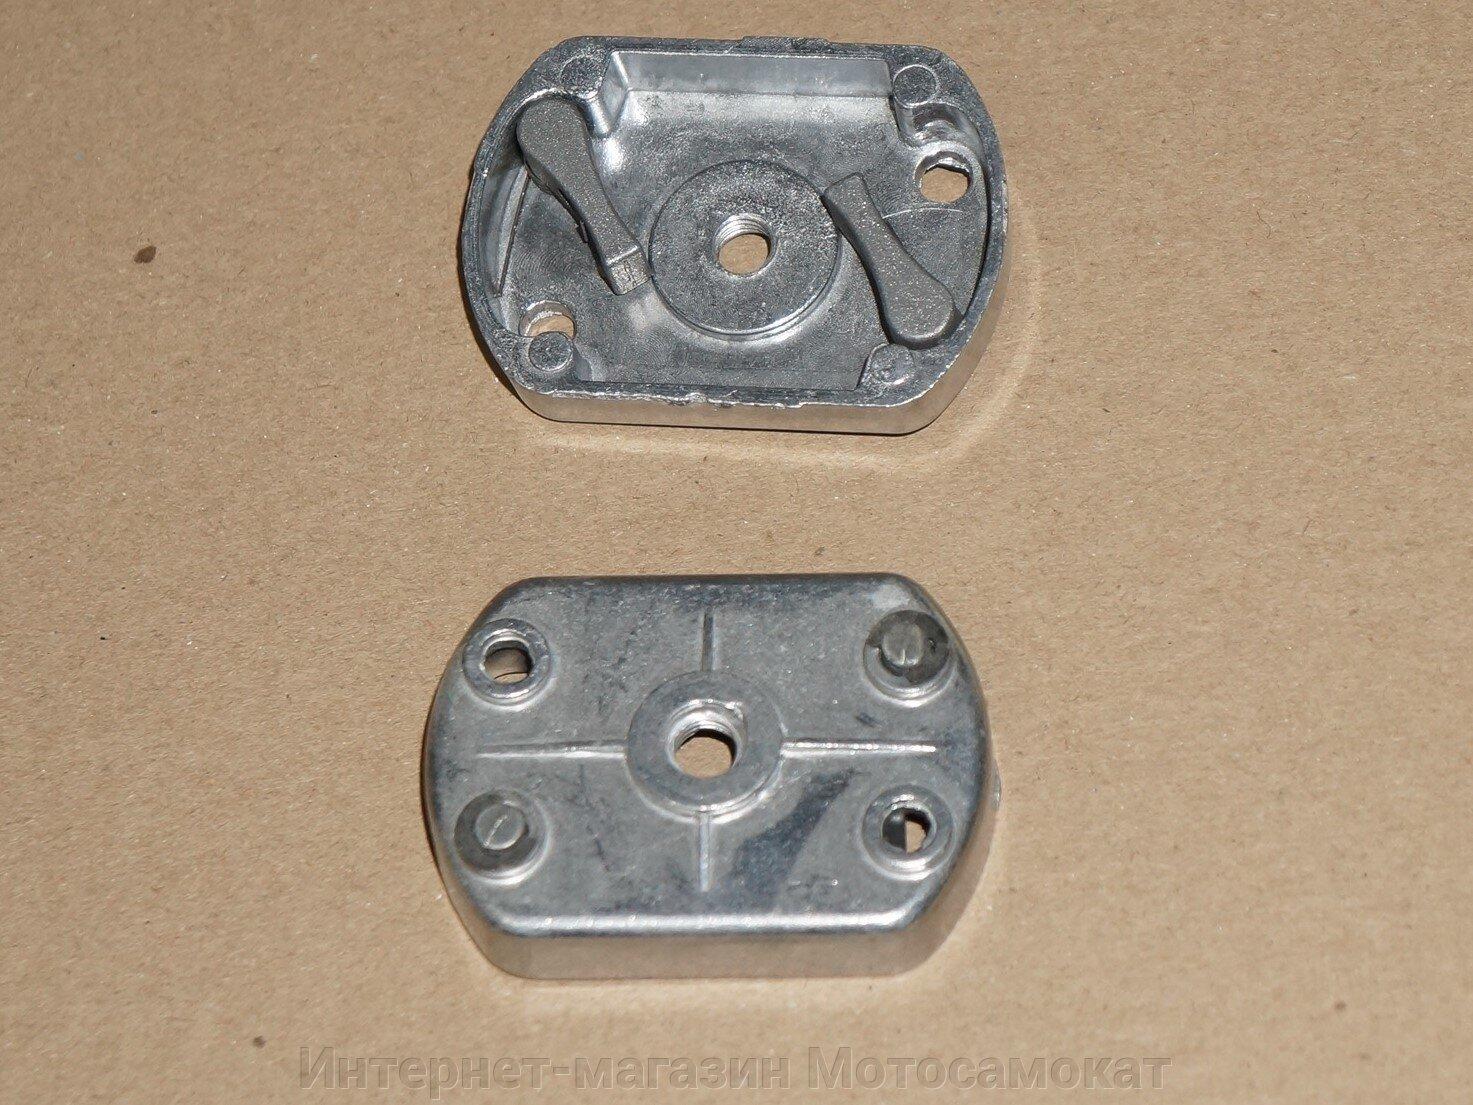 Вечный колокольчик (храповик) для бензосамоката Вектор. - фото Вечный колокольчик (храповик) для бензосамоката Вектор.